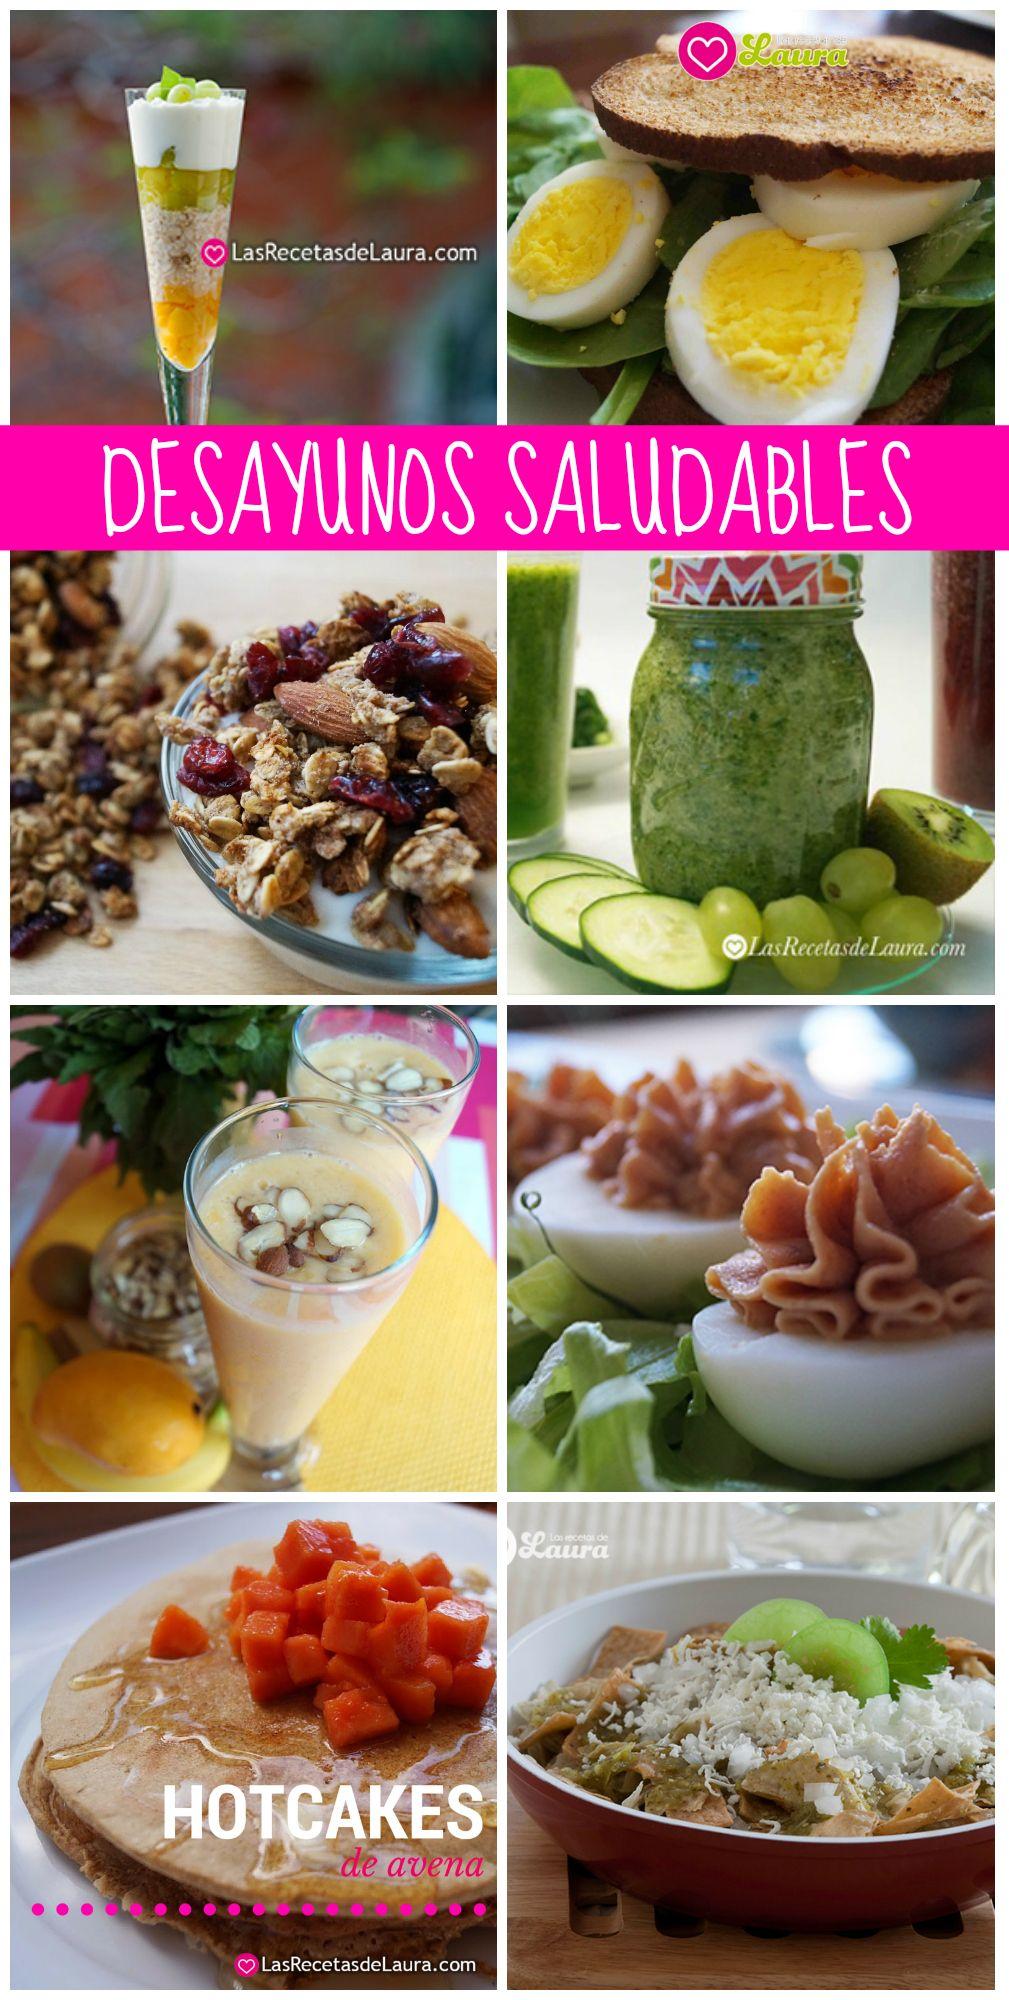 Las Recetas De Laura Mas De 30 Ideas De Desayunos Saludables Faciles Y Rapidos De Preparar Para Desayunos Faciles Y Saludables Desayunos Saludables Desayuno